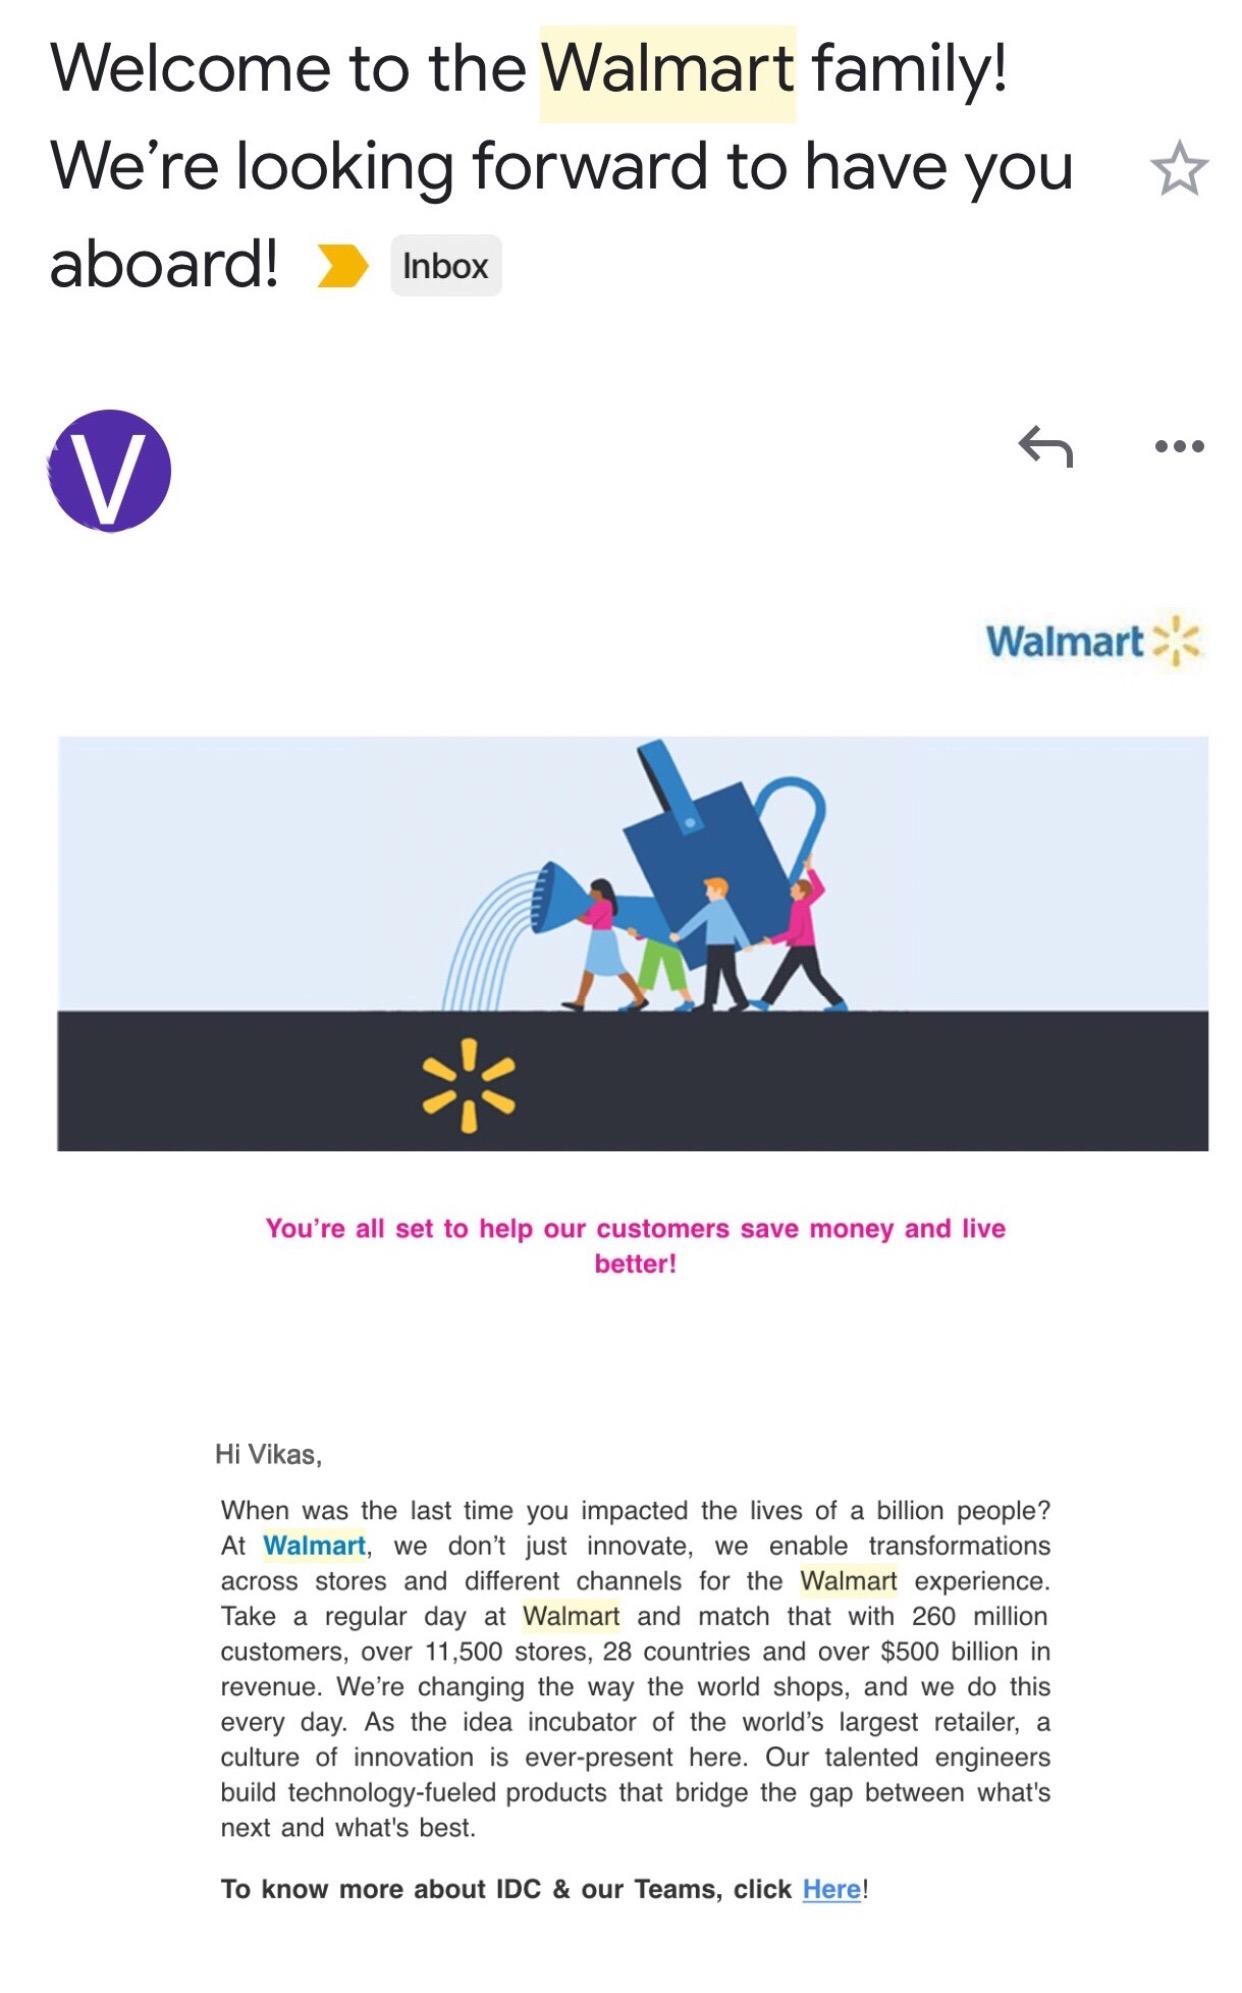 Vikas placed in WalmartLabs